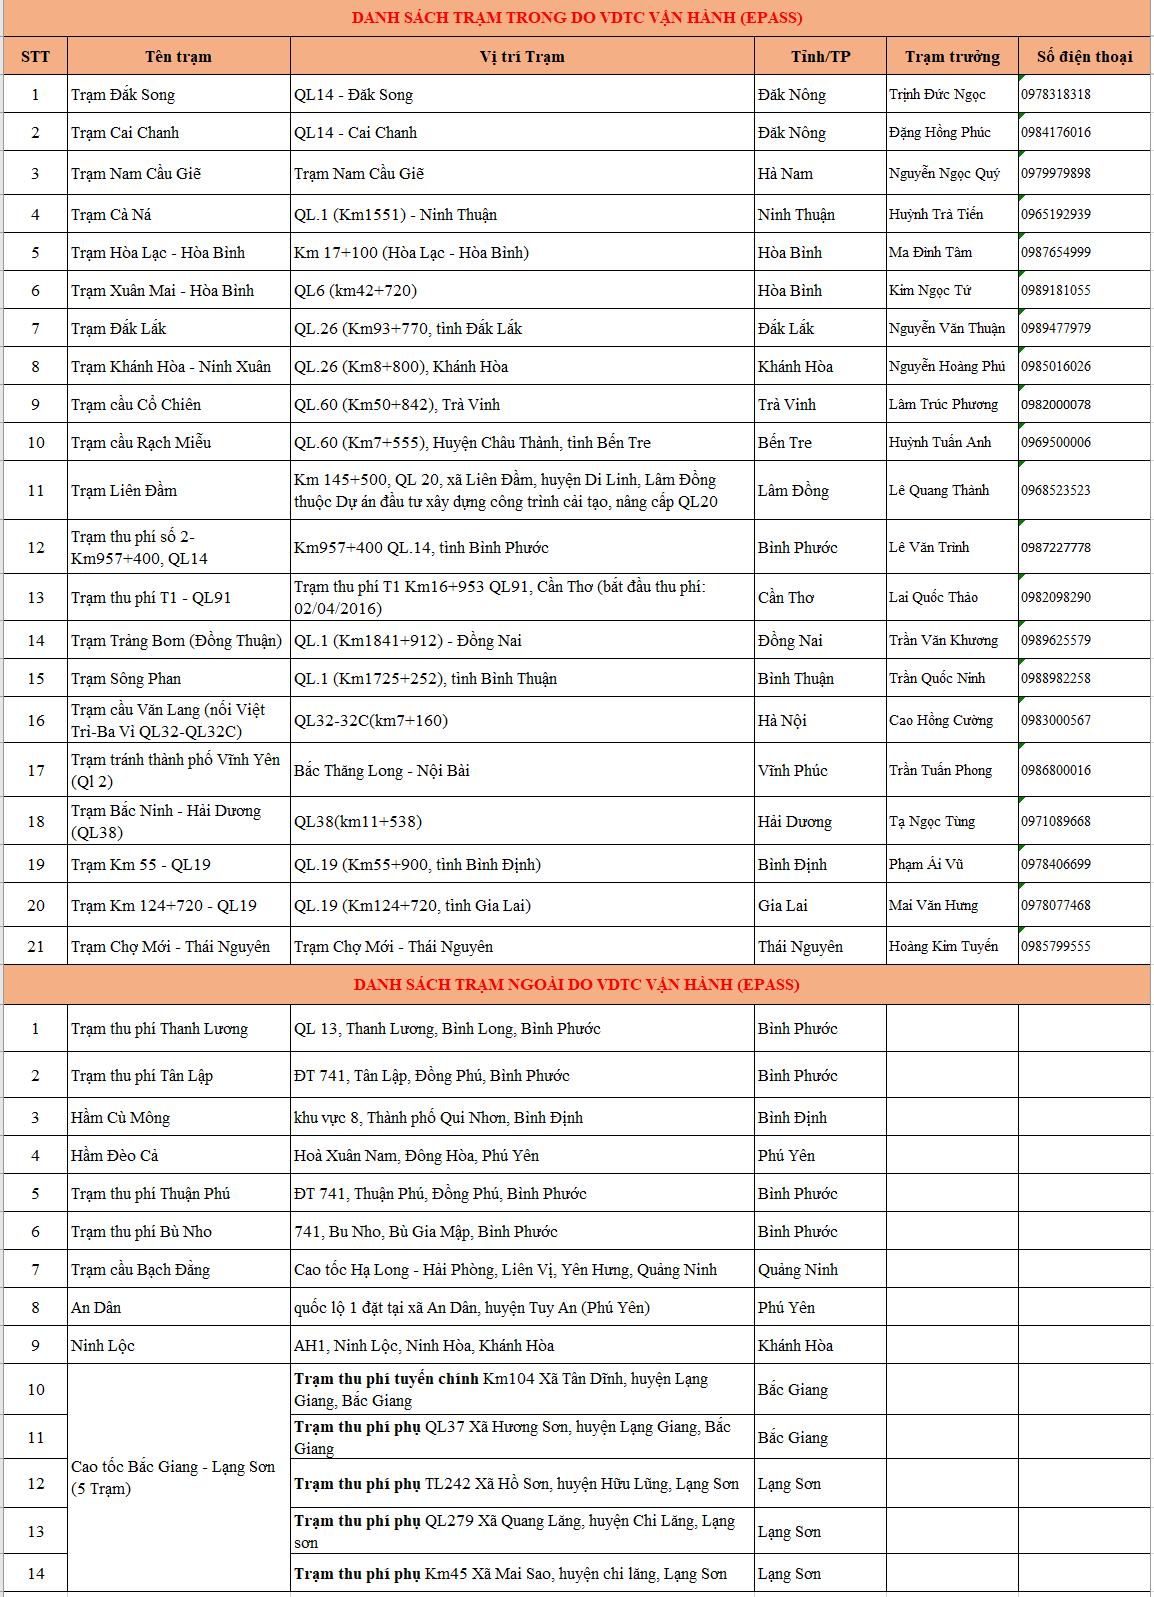 danh sách trạm thu phí epass 1